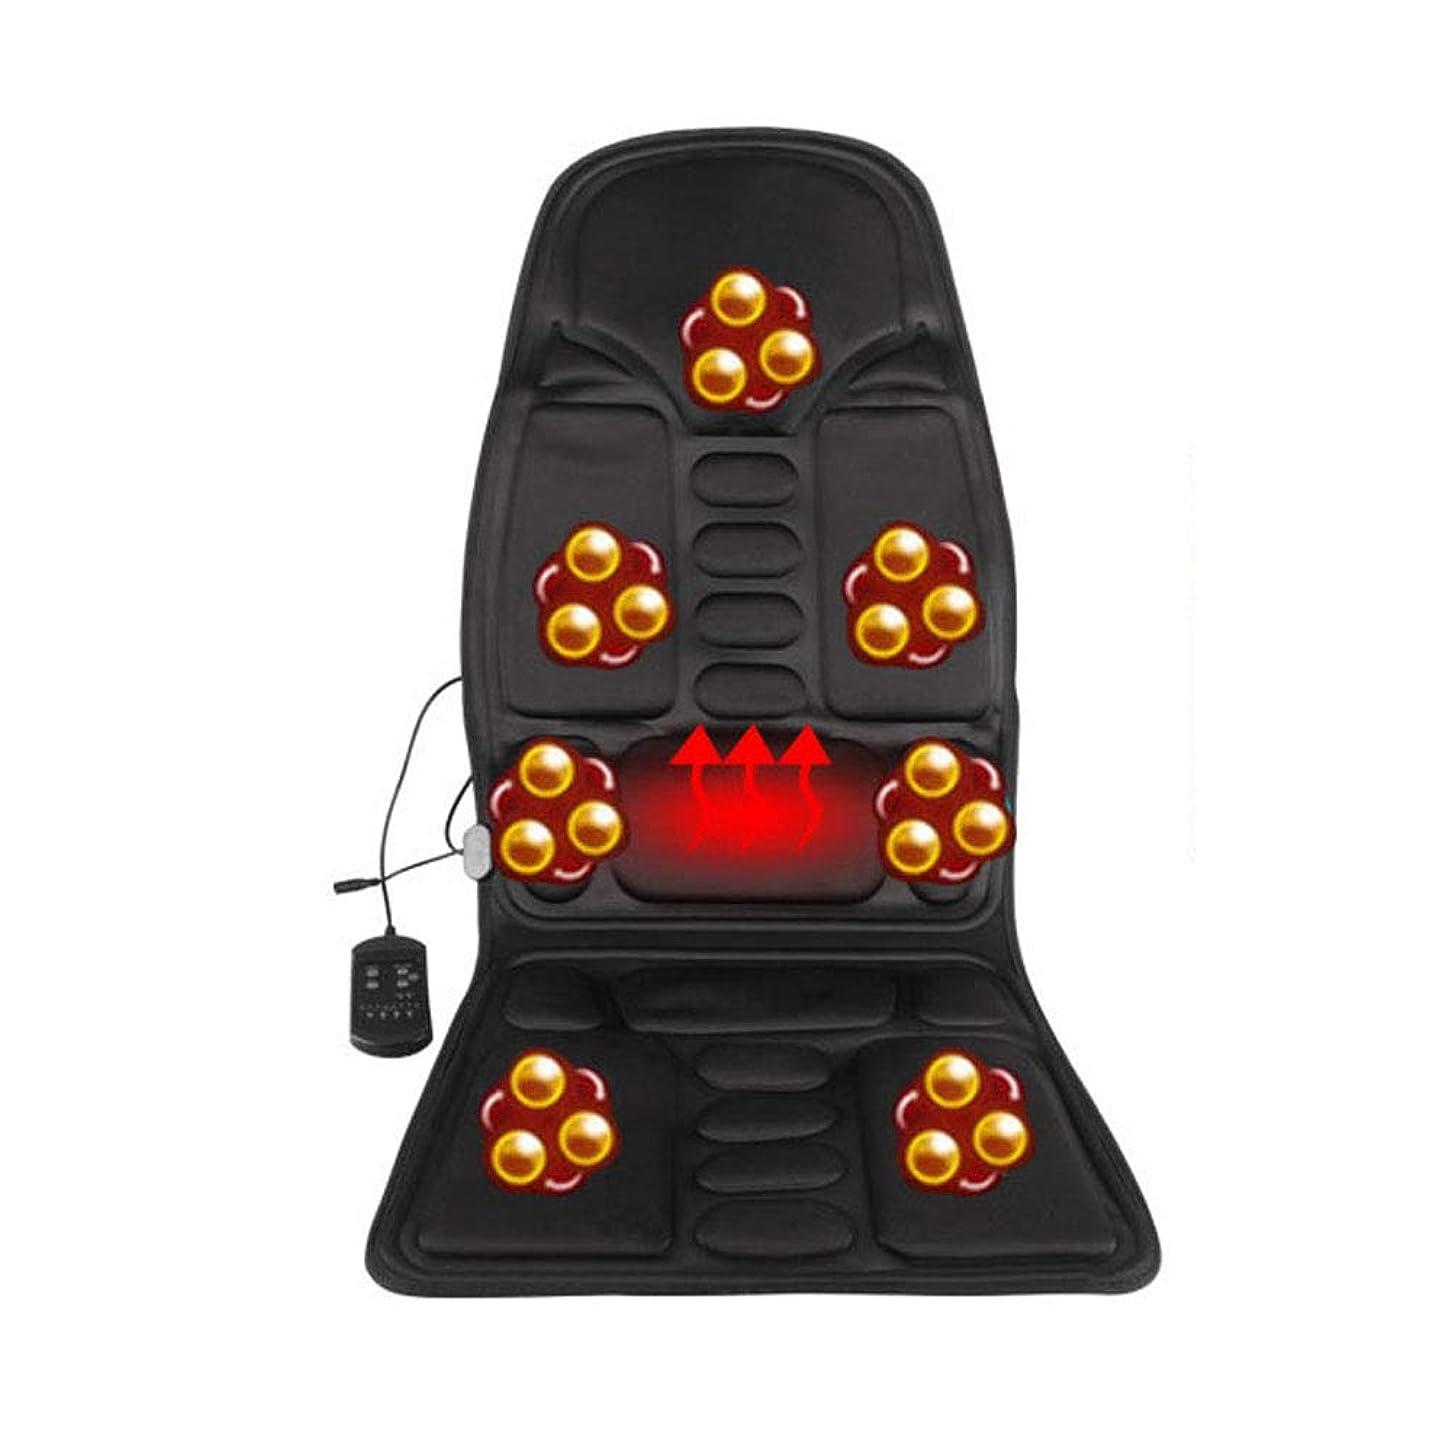 概して調べる始めるカーマッサージクッション振動マッサージチェアクッションネックウエスト全身機能